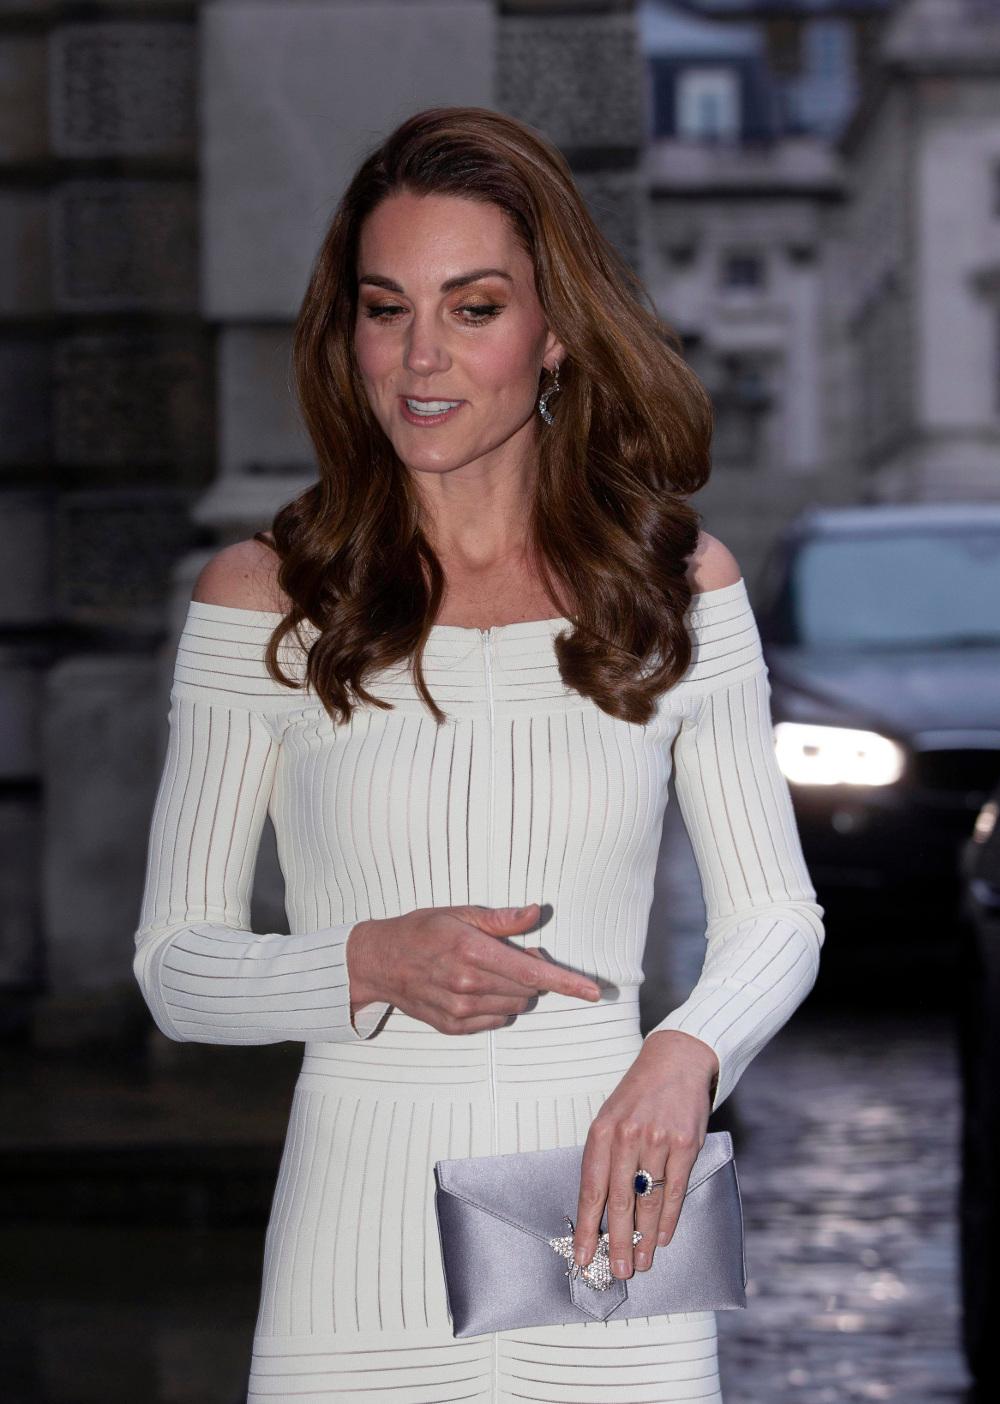 Κάποιοι χρήστες των social media παρατήρησαν πως το φερμουάρ ήταν στο μπροστινό μέρος του φορέματος